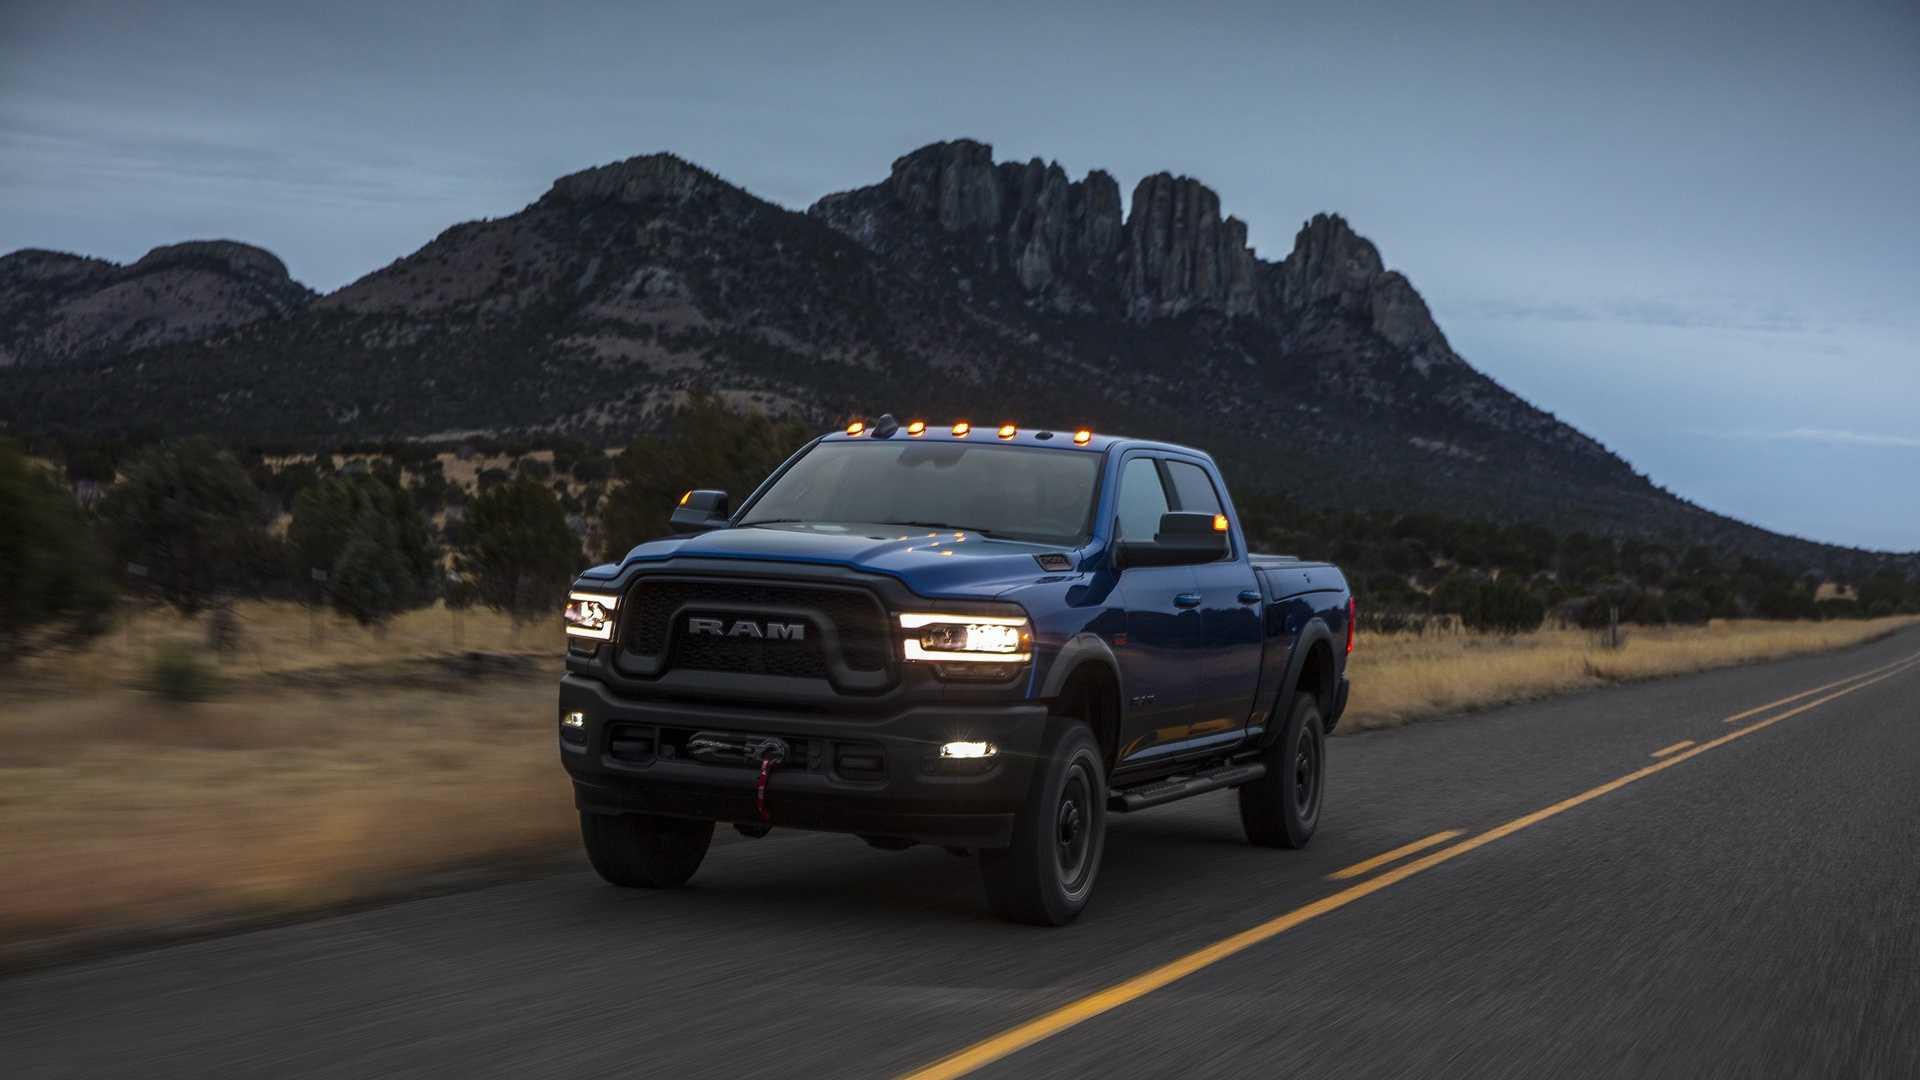 2019-ram-heavy-duty-exterior (72)